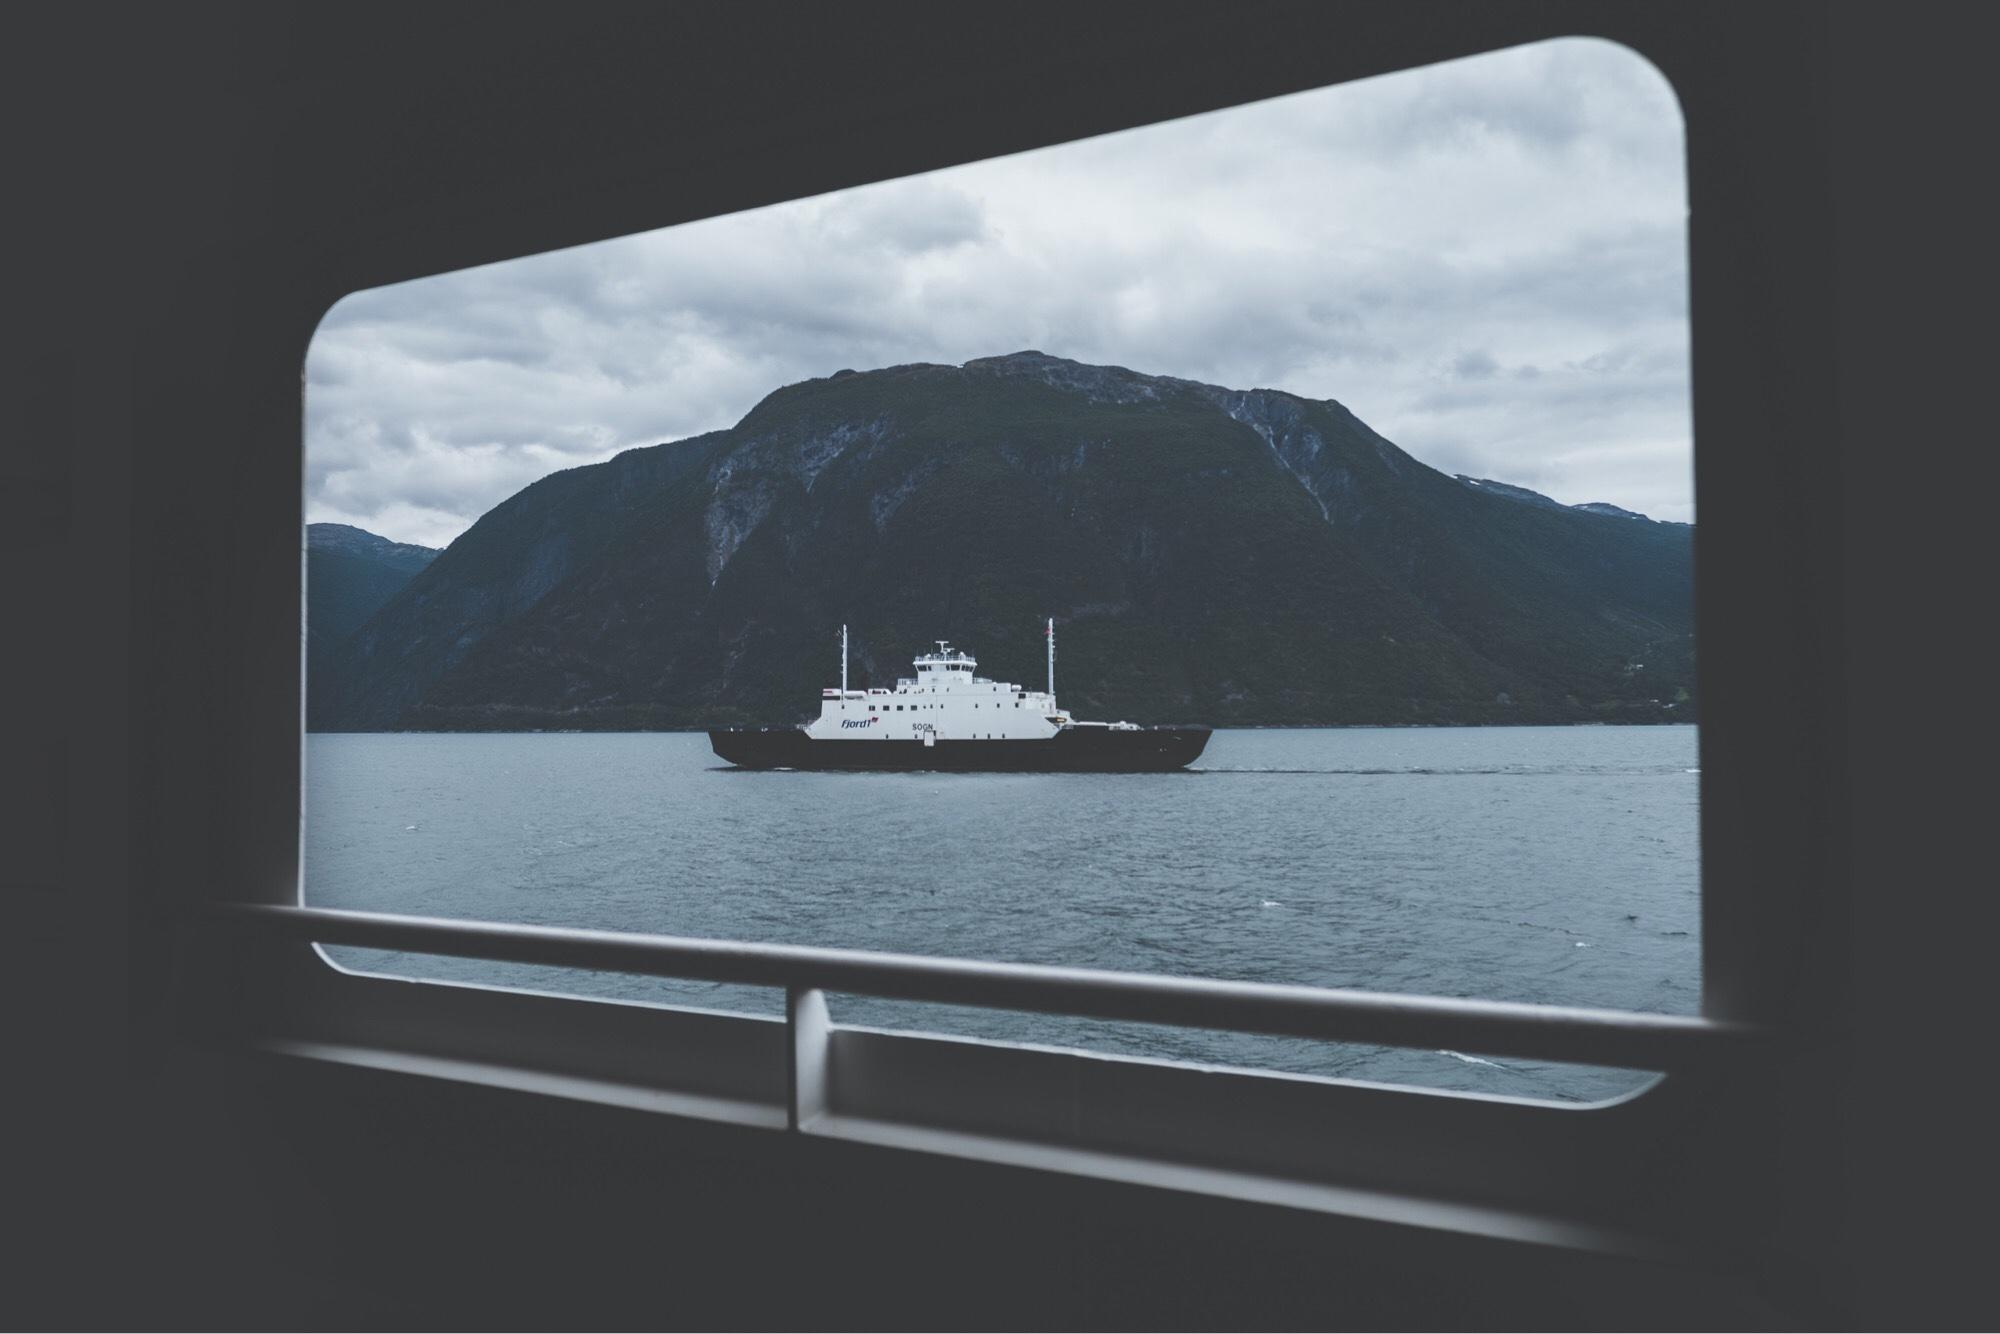 バンライフイギリス van life to uk ferry